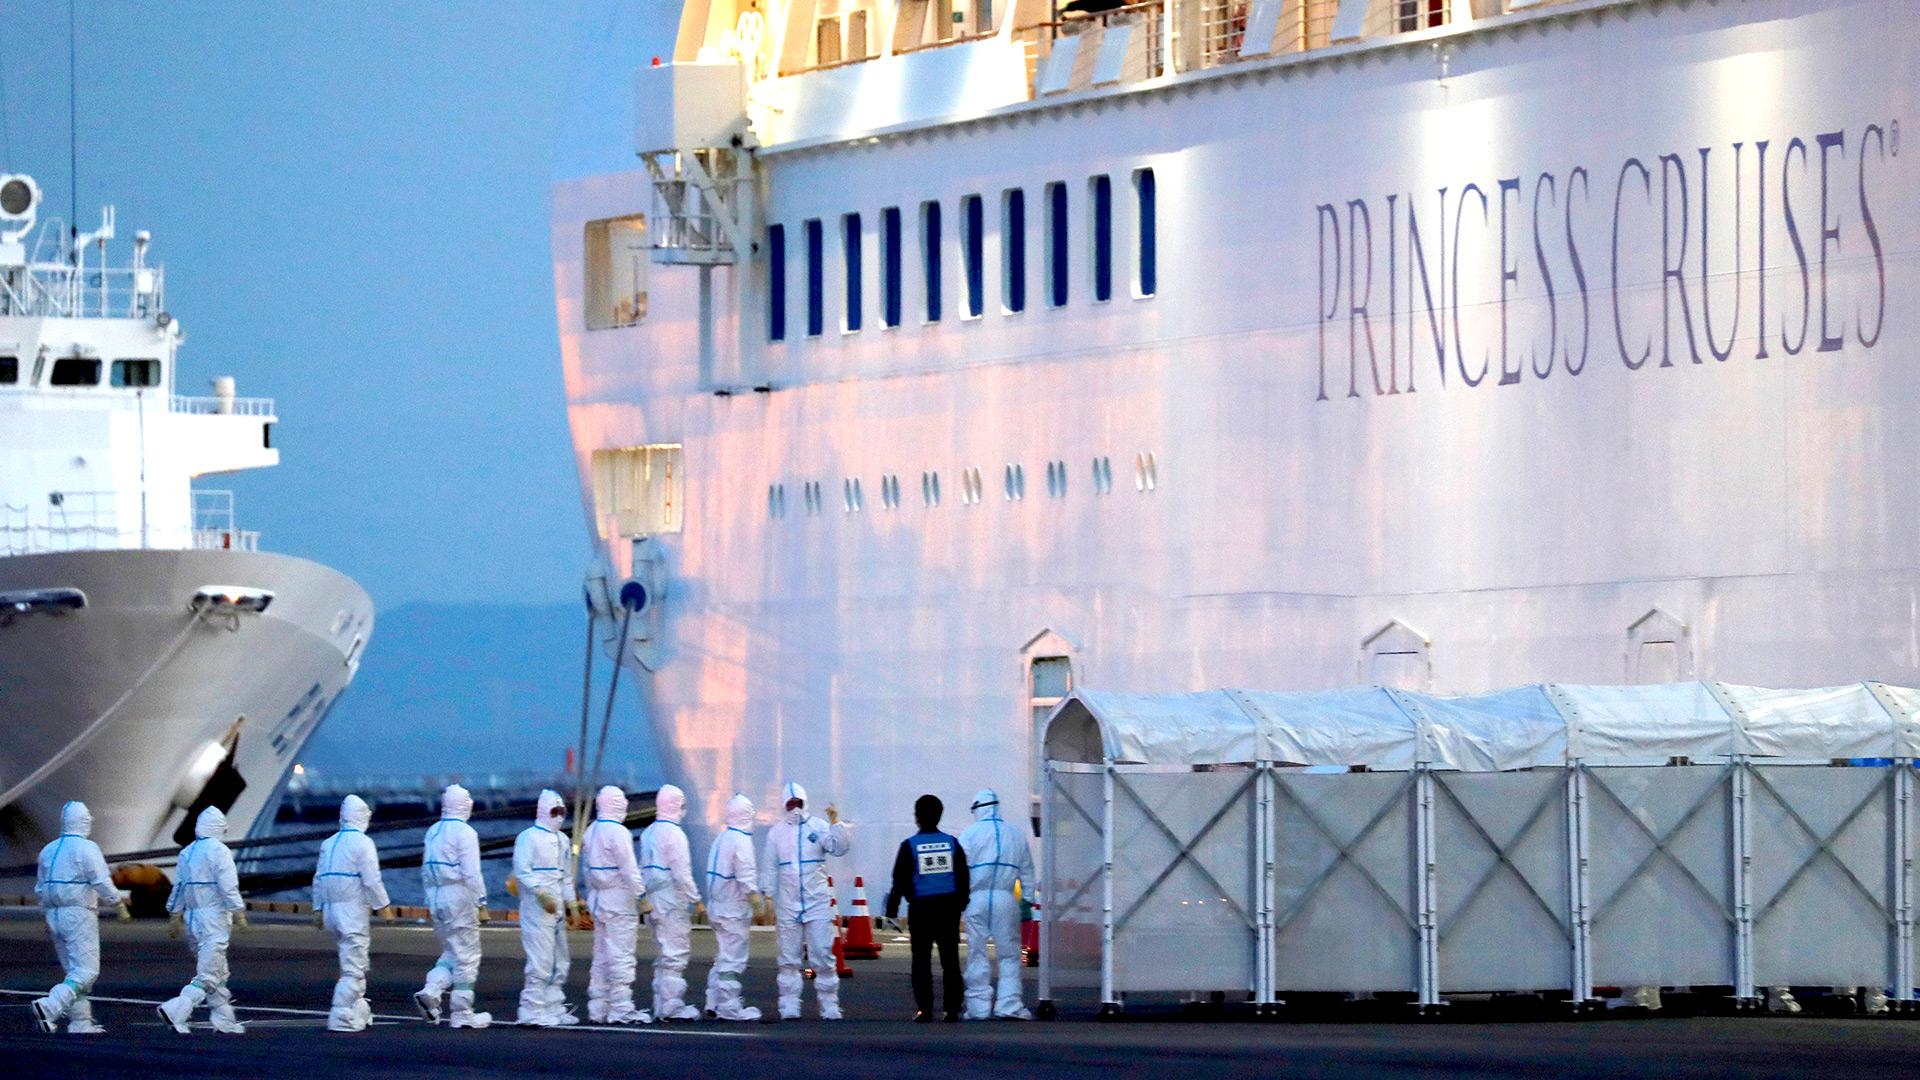 Oficiales con equipo de protección ingresan al crucero Diamond Princess para trasladar a un paciente al hospital después de que el barco llegara a la Terminal de Cruceros del muelle Daikoku en Yokohama, al sur de Tokio (REUTERS / Kim Kyung-Hoon)